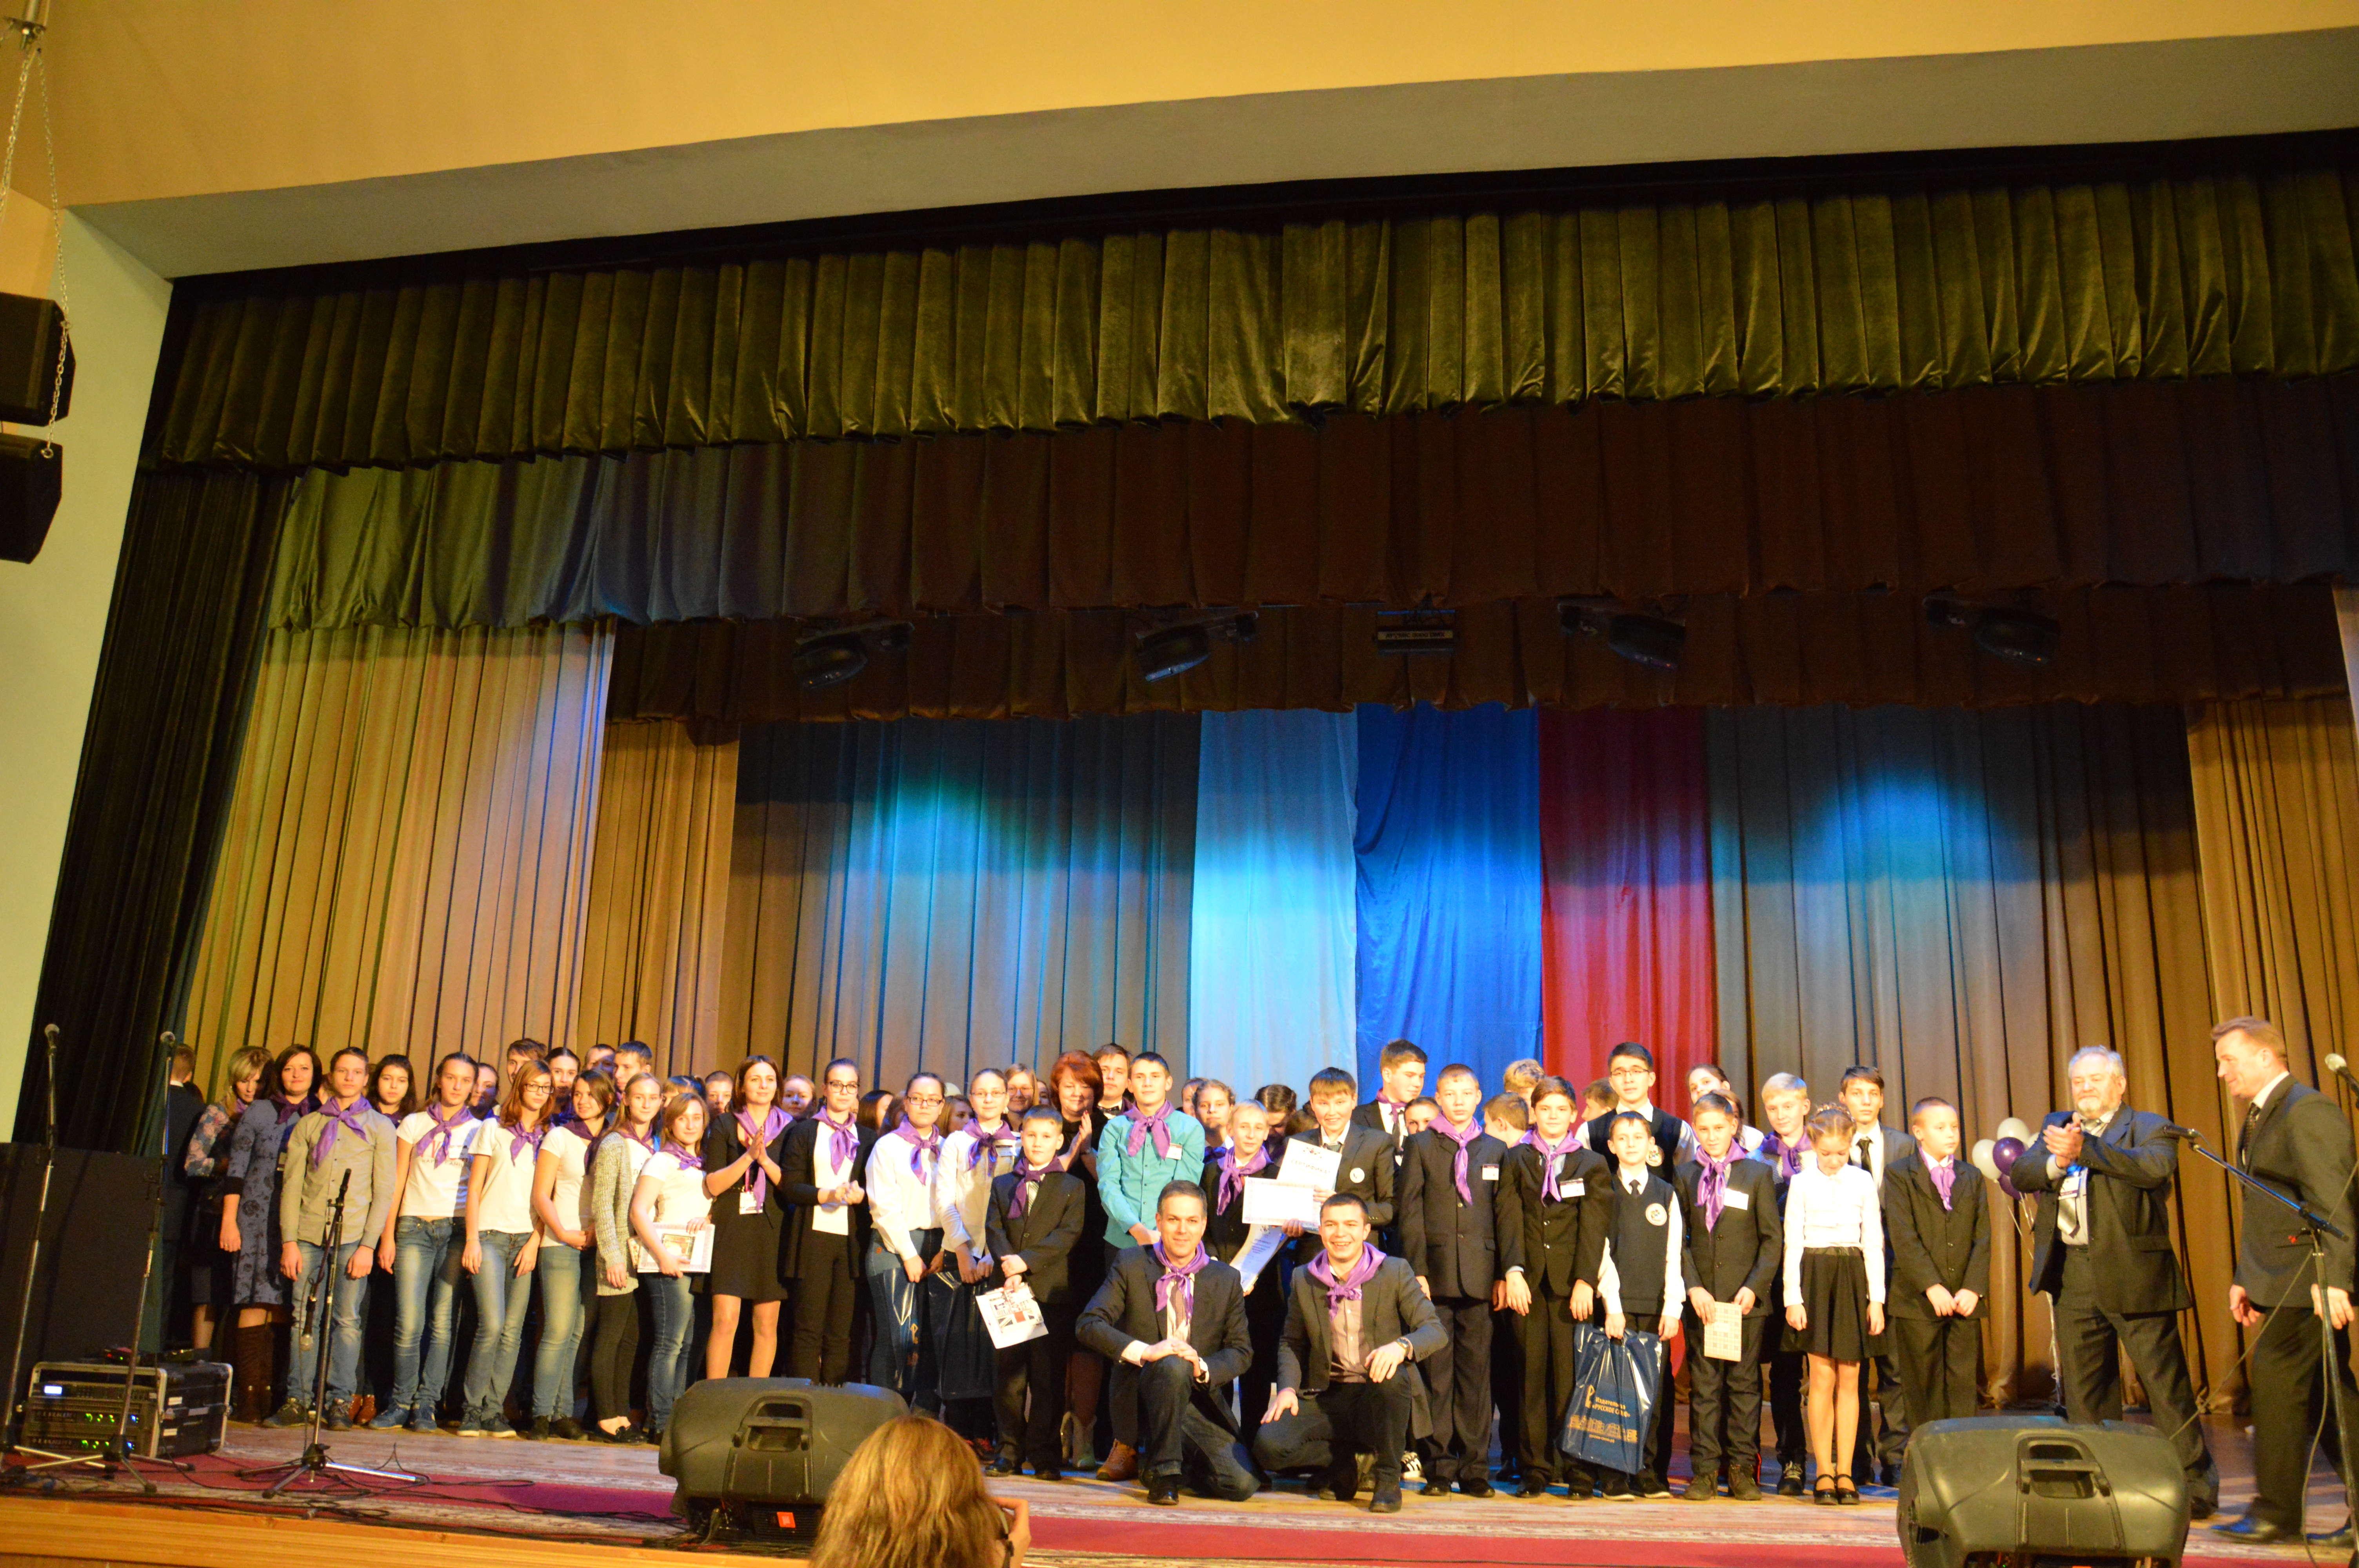 Общее фото участников финала фестиваля Космодис 3.0